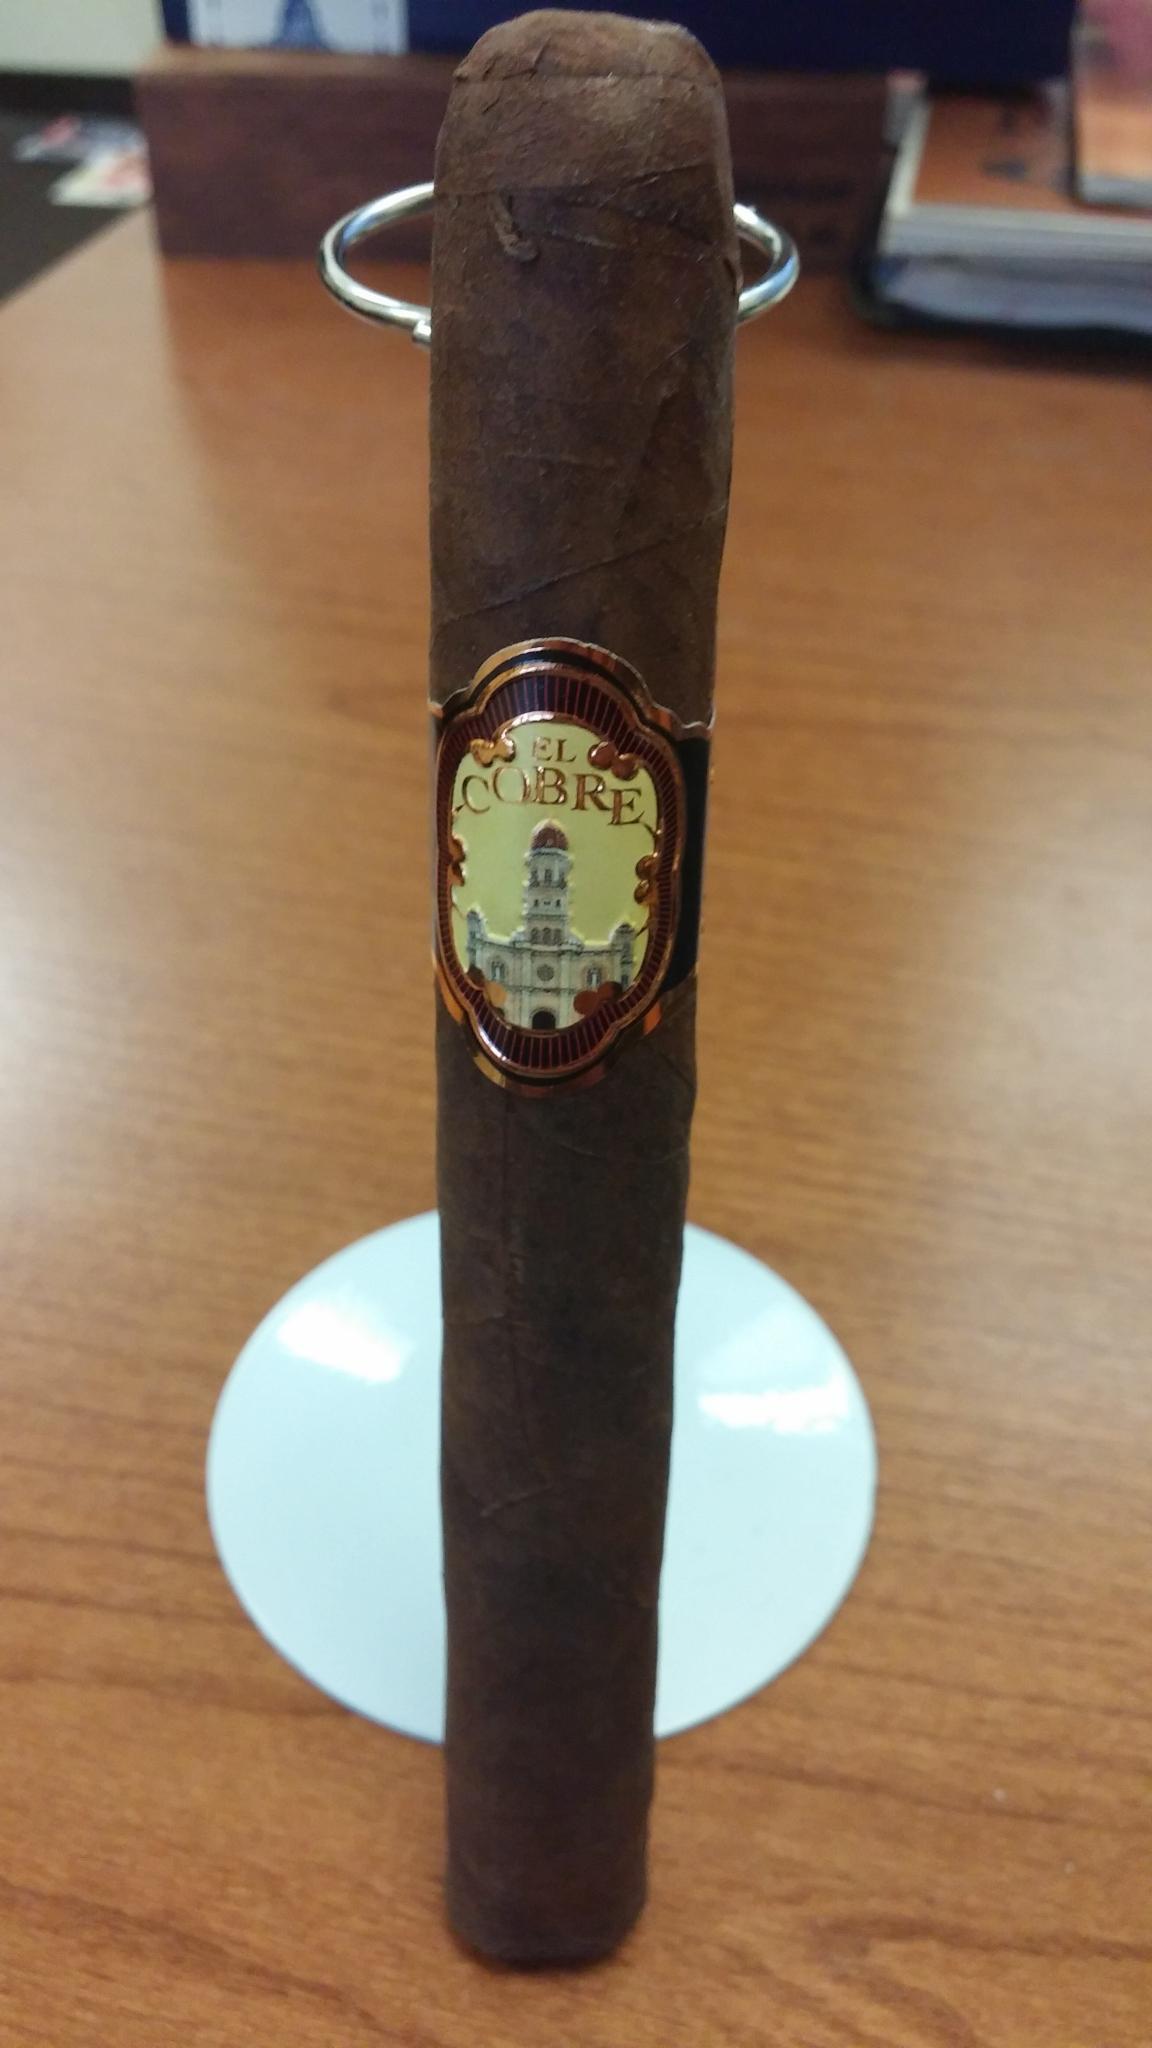 oliva cigars el cobre review